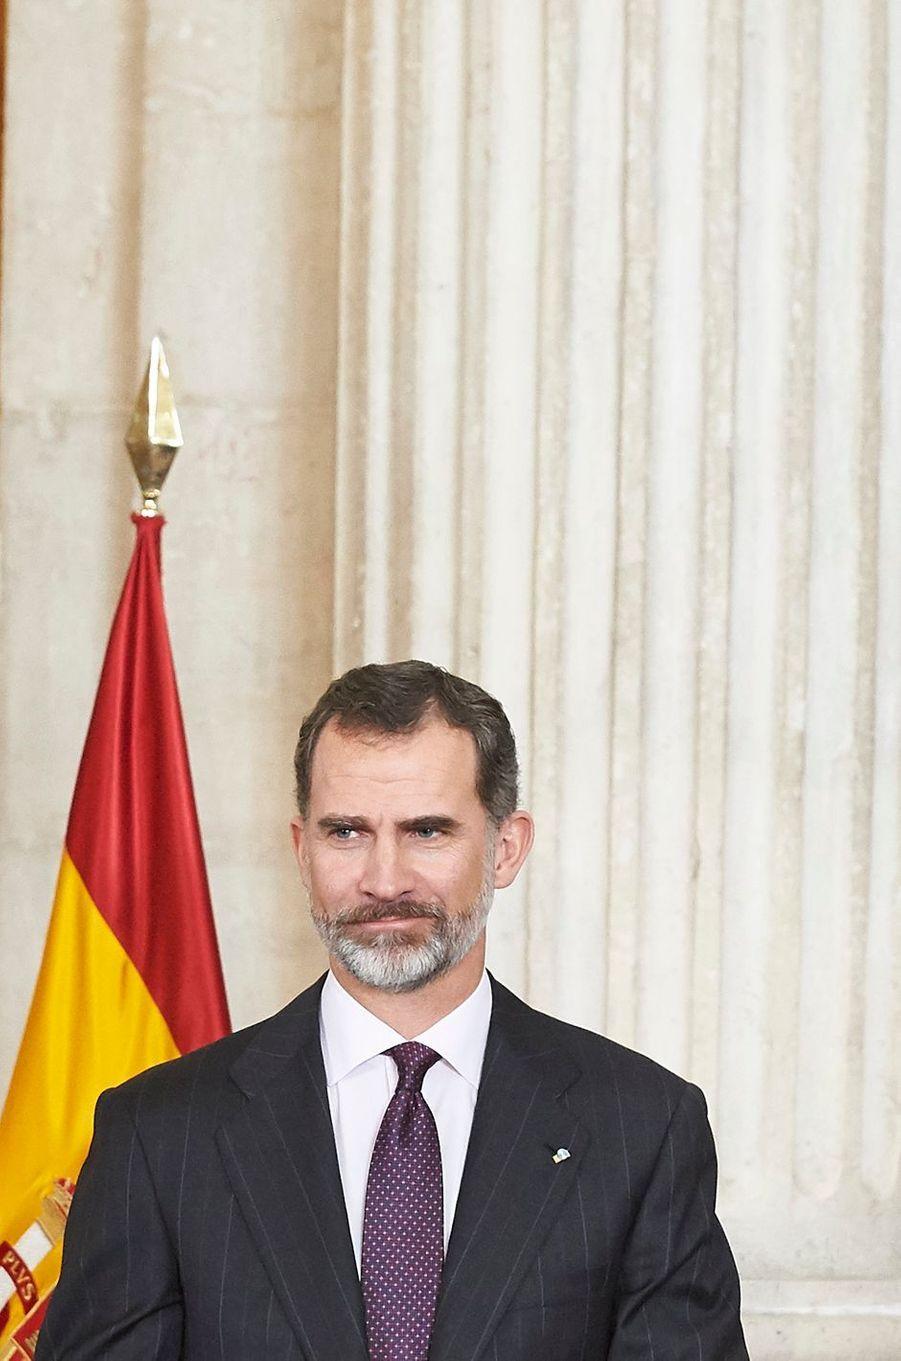 Letizia Et Felipe VI D'Espagne Madrid, Le 30 Janvier 2017 8